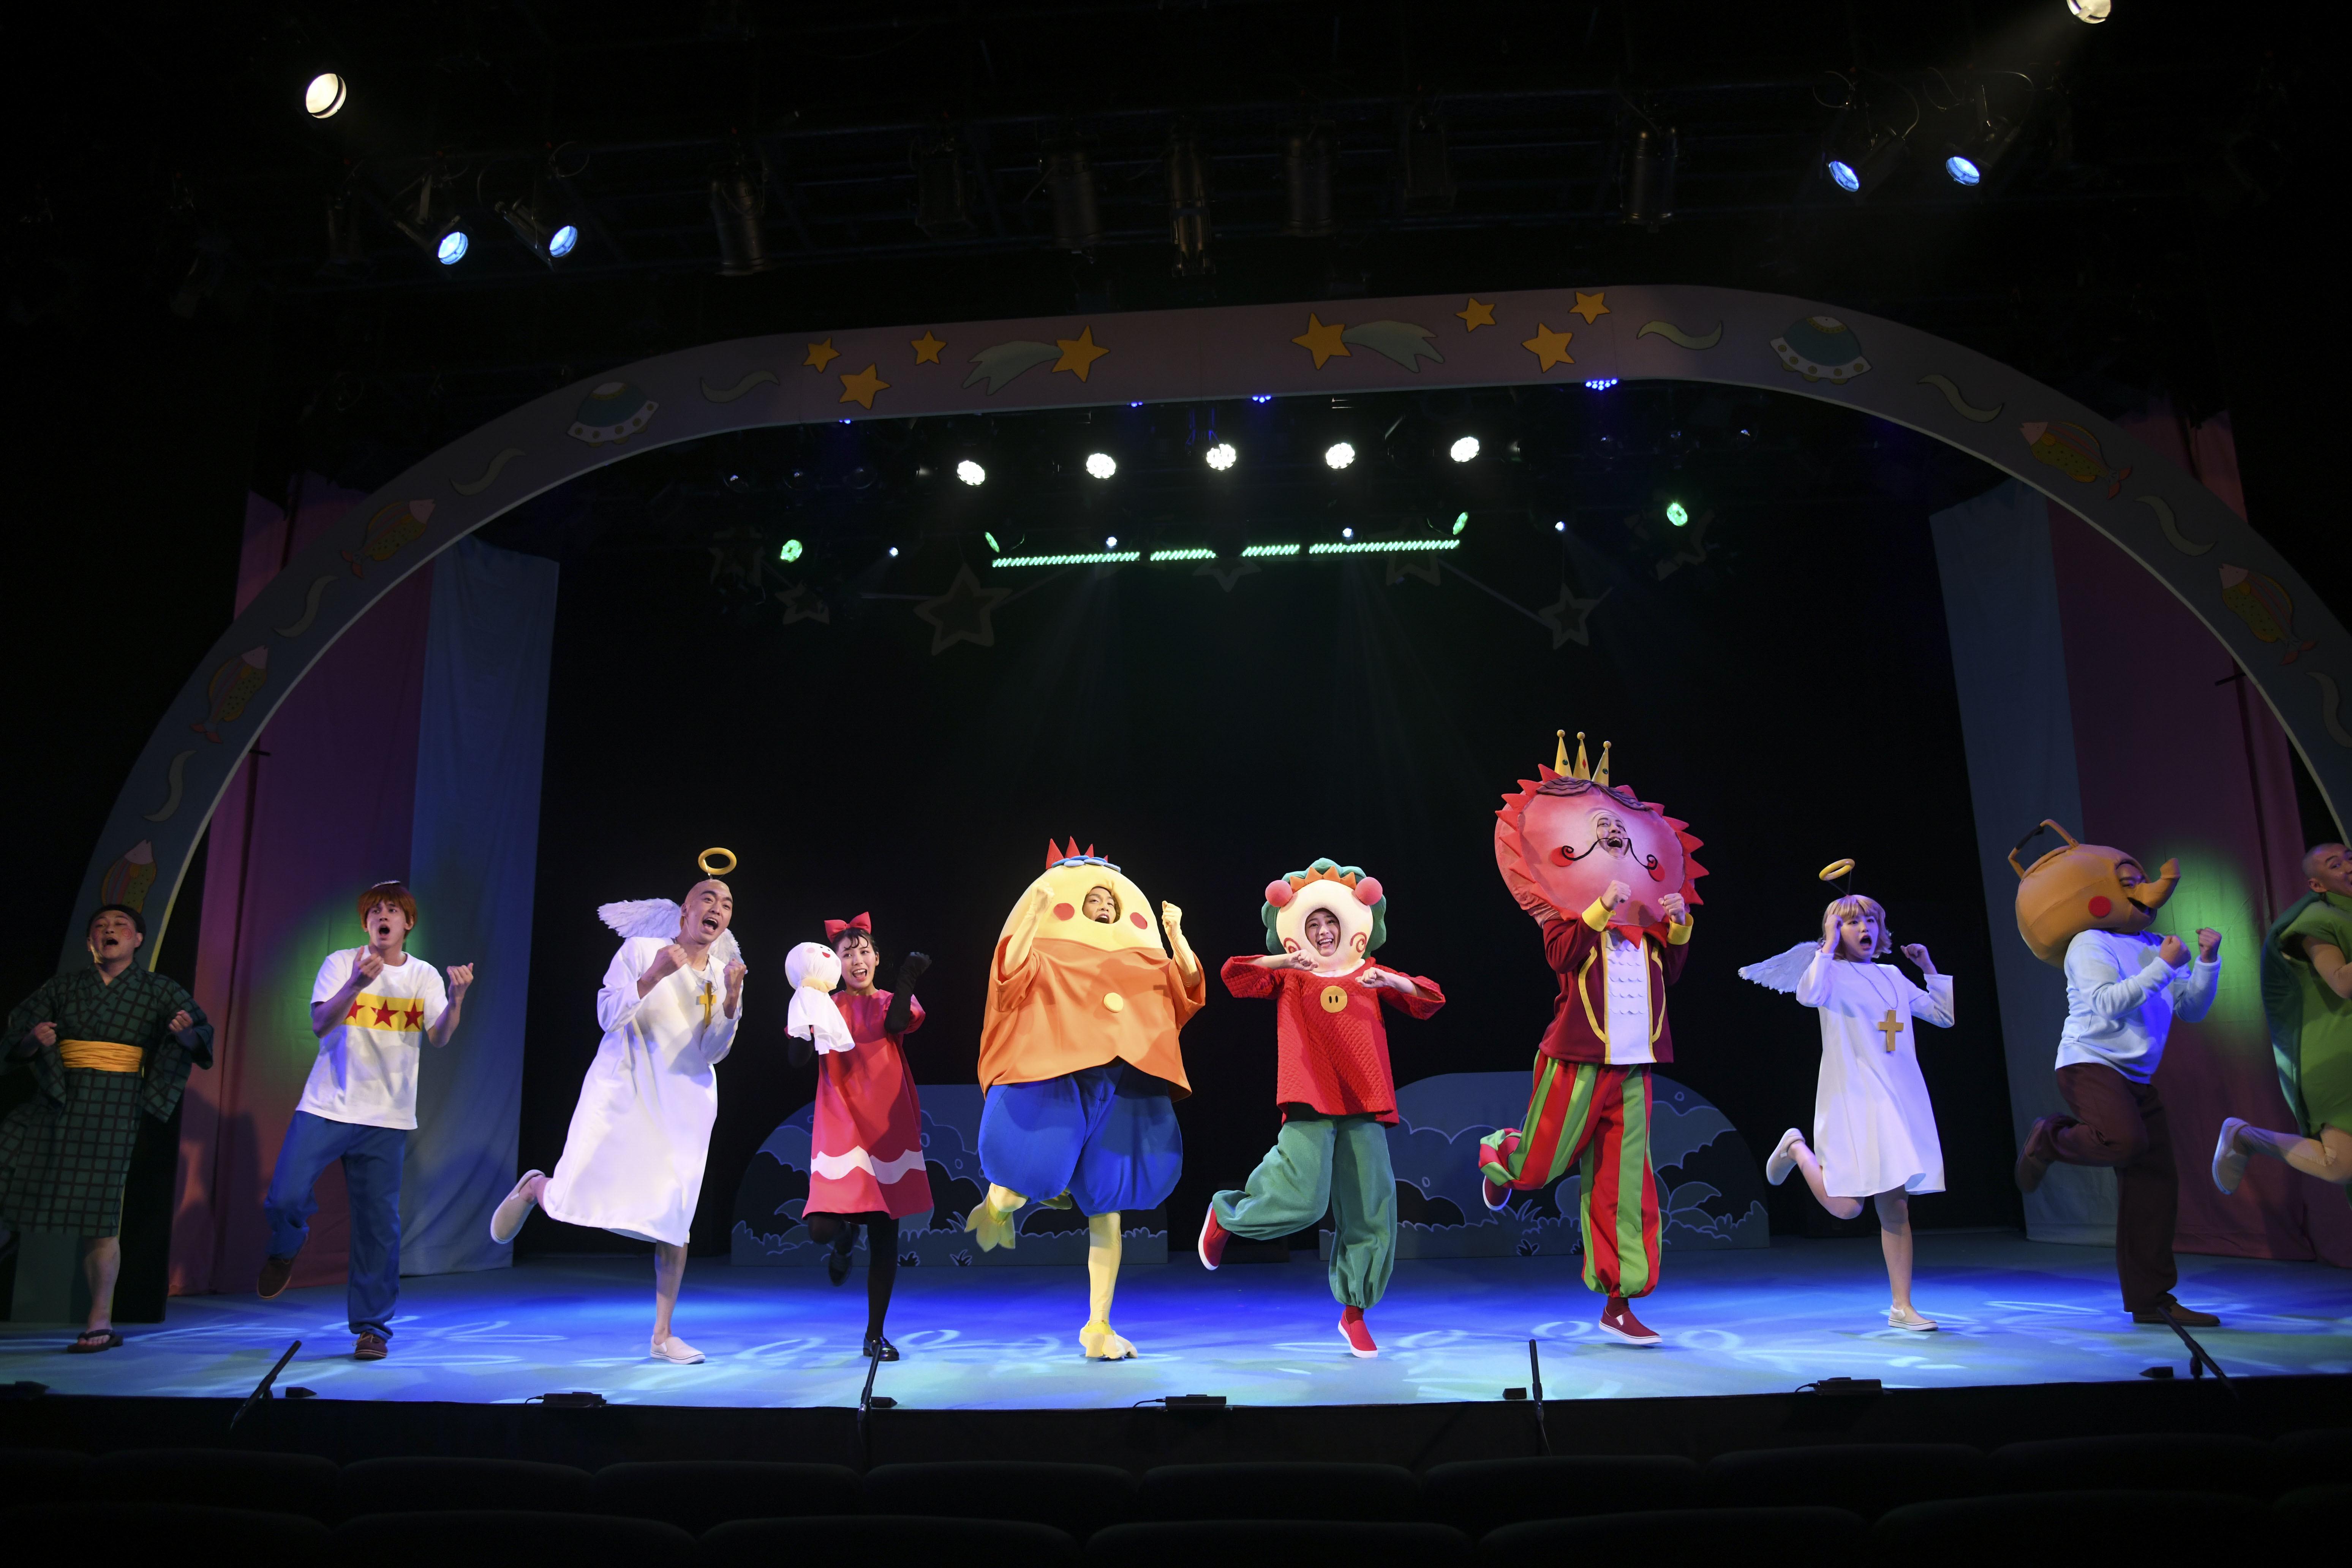 舞台『コジコジ』  (C)️さくらももこ (C)️舞台コジコジ製作委員会